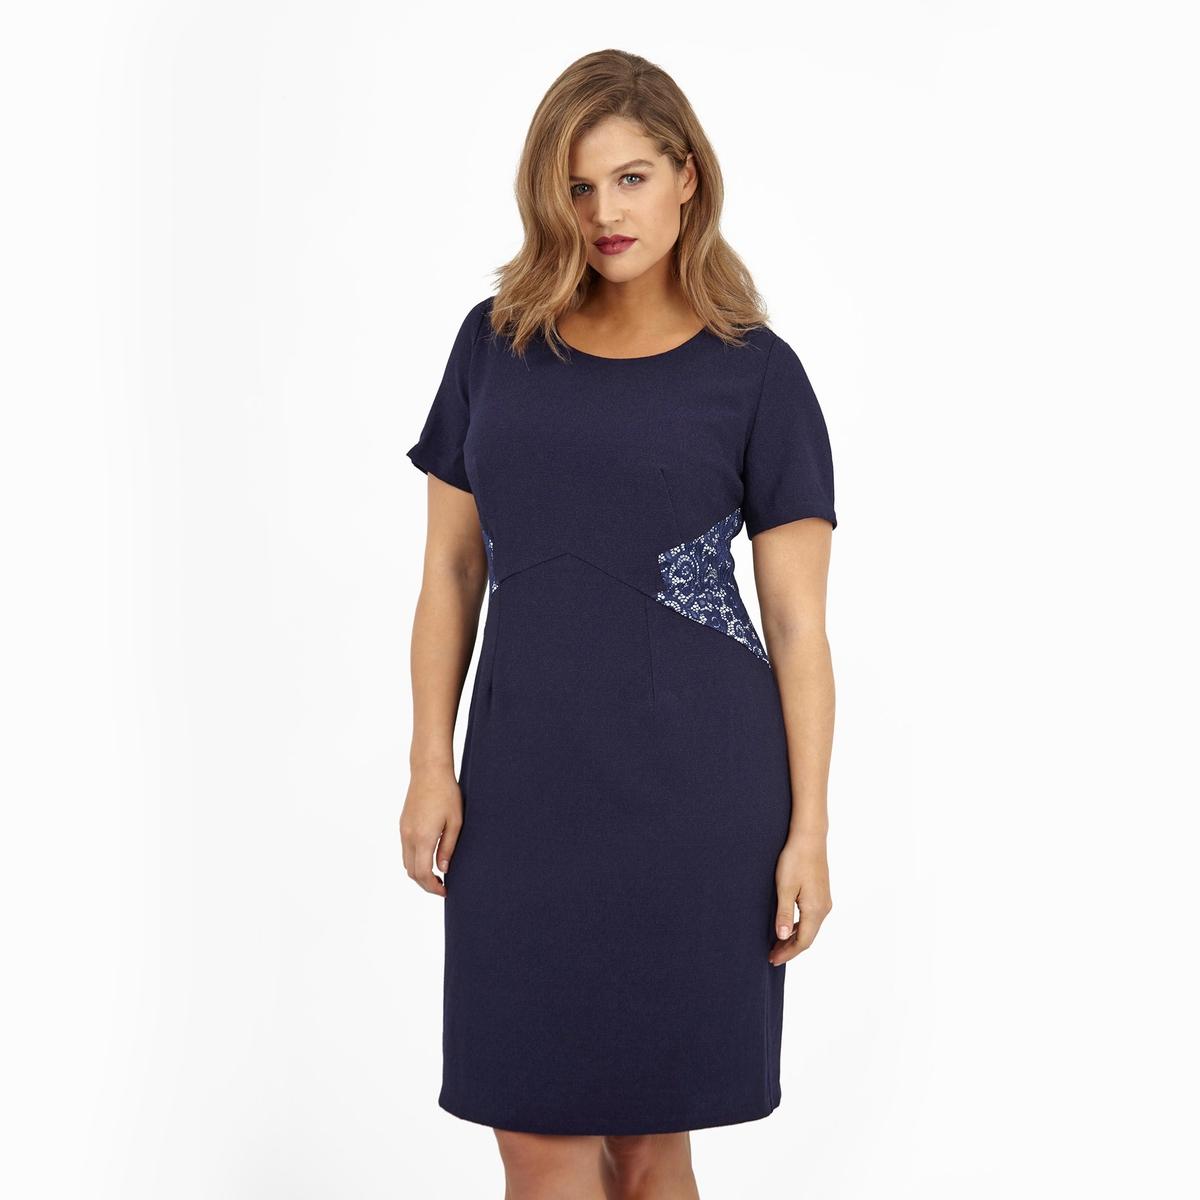 ПлатьеПлатье с короткими рукавами LOVEDROBE. Красивое кружево по бокам. 100% полиэстер.<br><br>Цвет: синий<br>Размер: 58/60 (FR) - 64/66 (RUS)